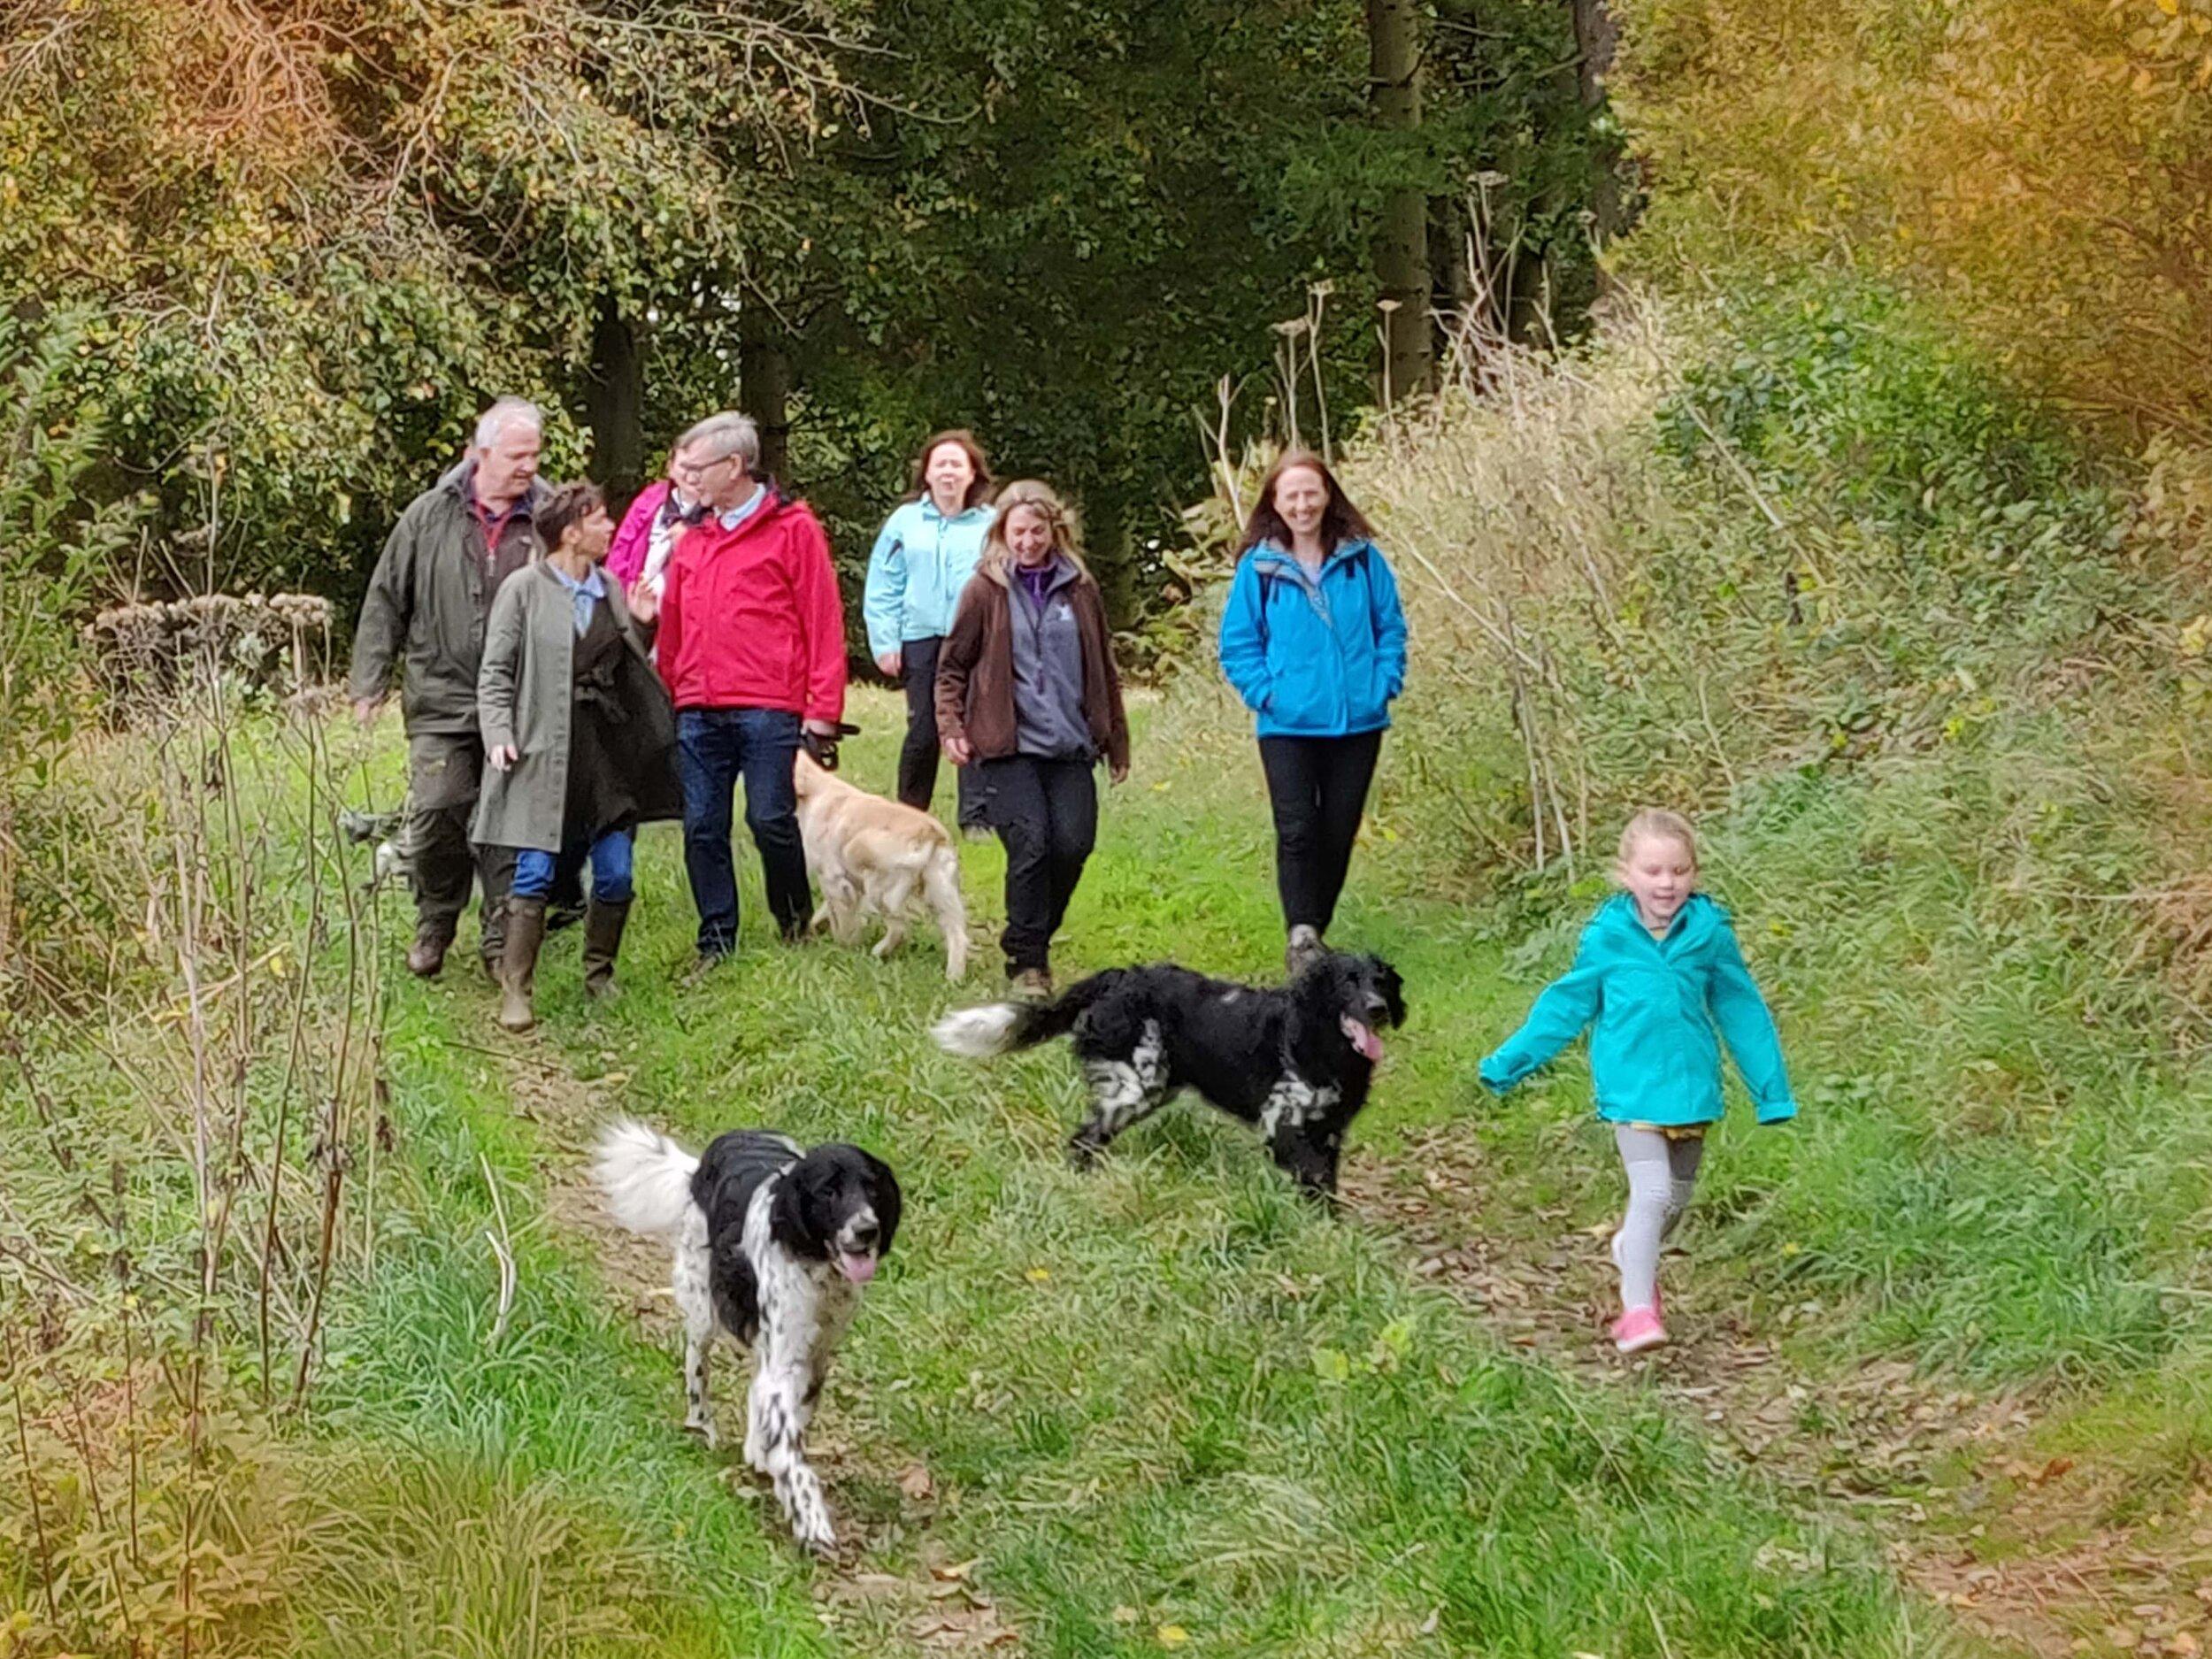 4x3 herfst large family 3 dogs vierk.jpg